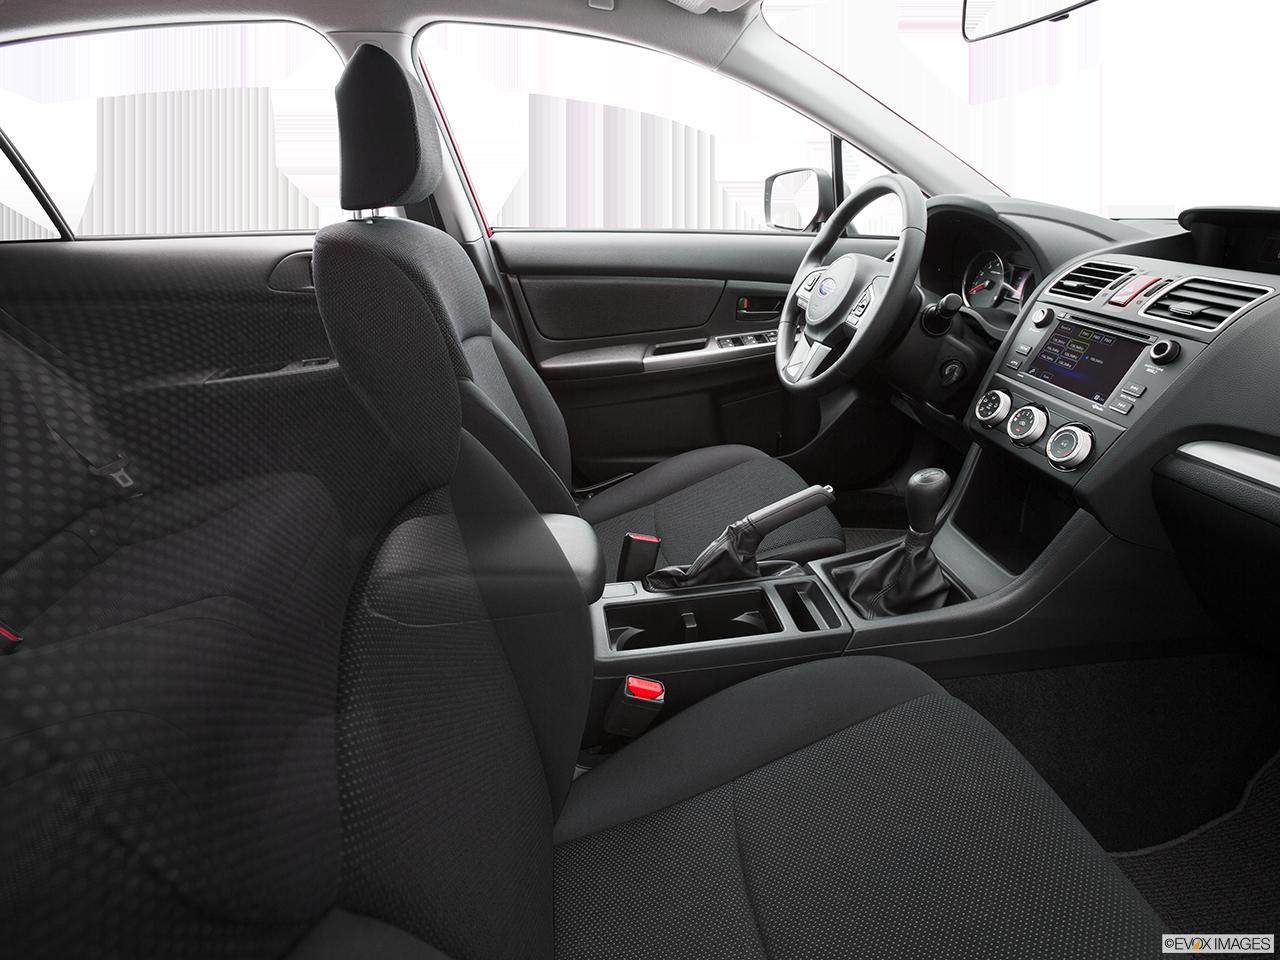 Interior View Of 2016 Subaru Crosstrek in Los Angeles